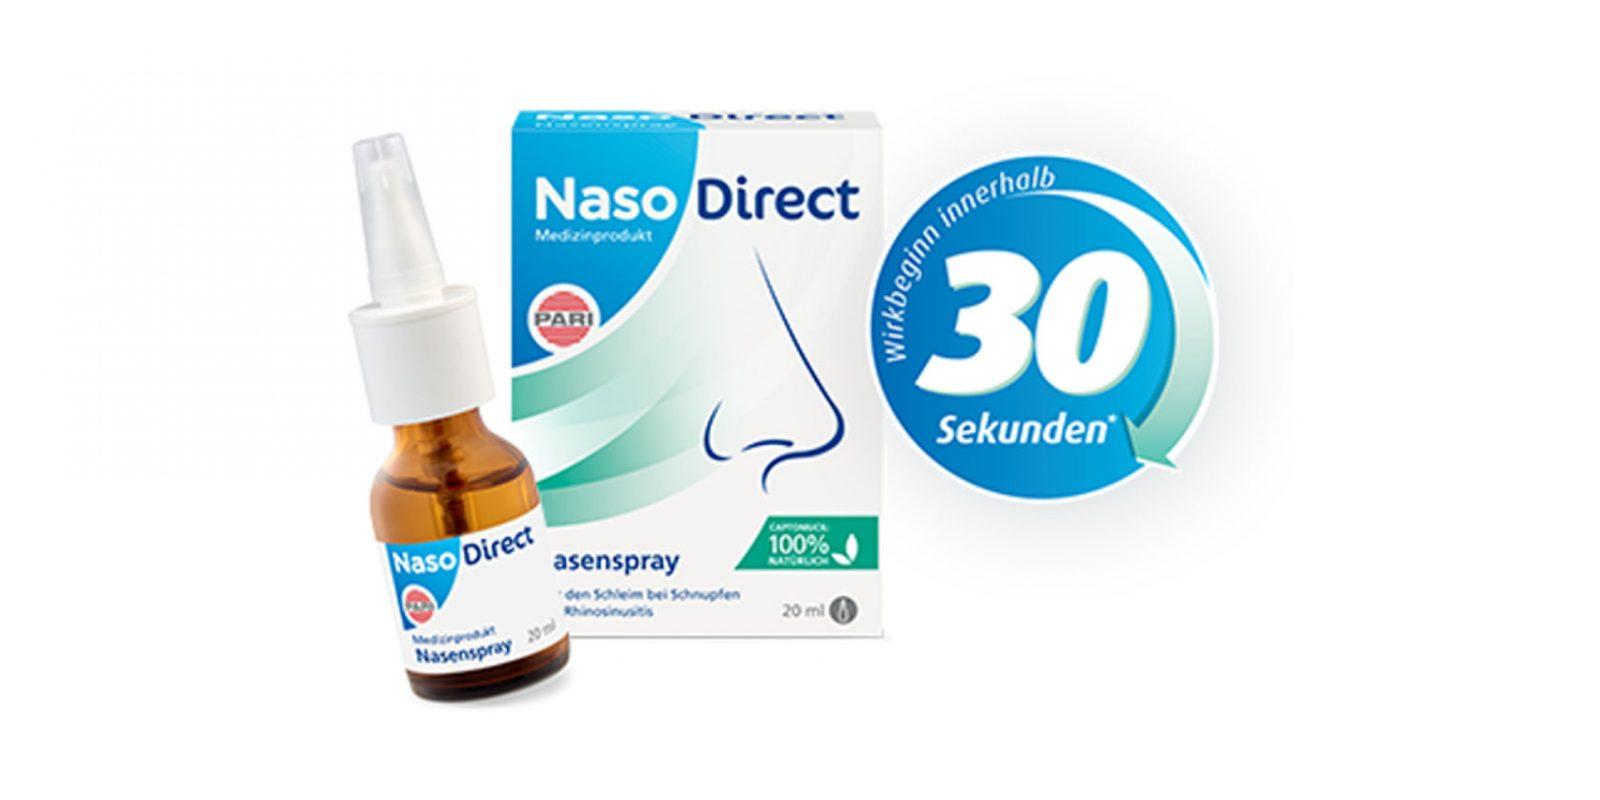 NasoDirect